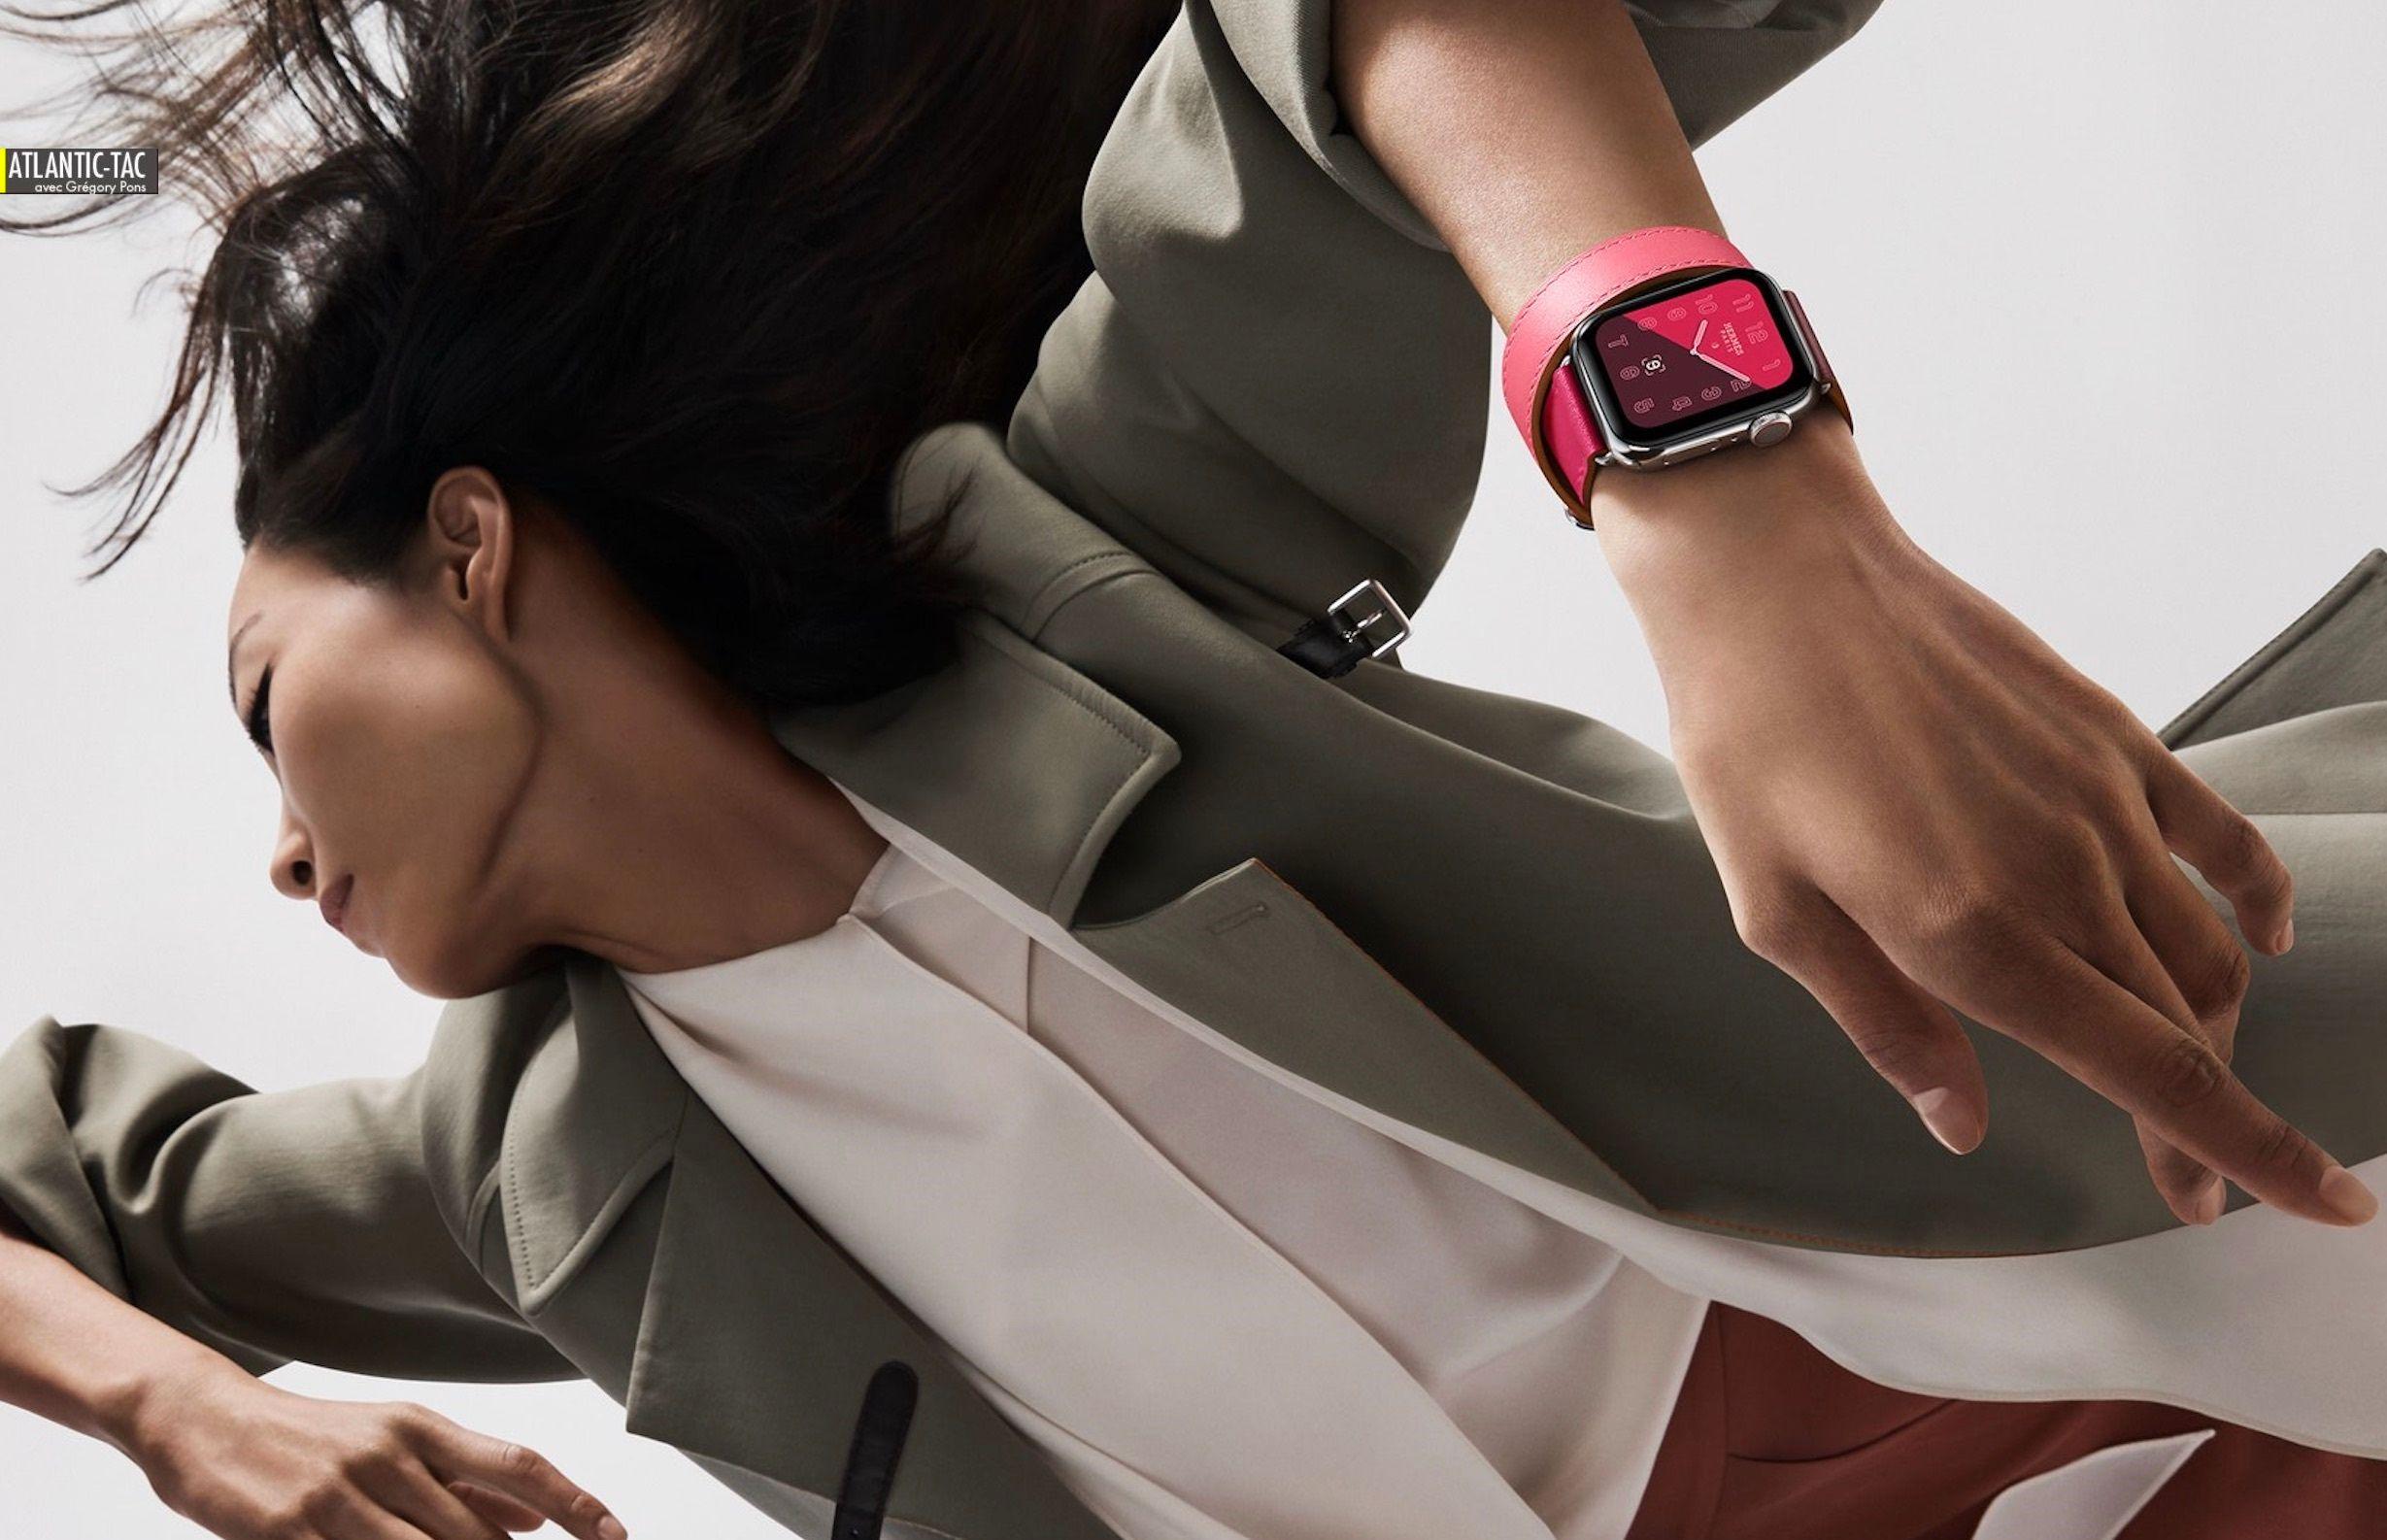 Moniteur cardiaque de poignet, l'Apple Watch 4 est aussi une bête de mode harnachée par Hermès...